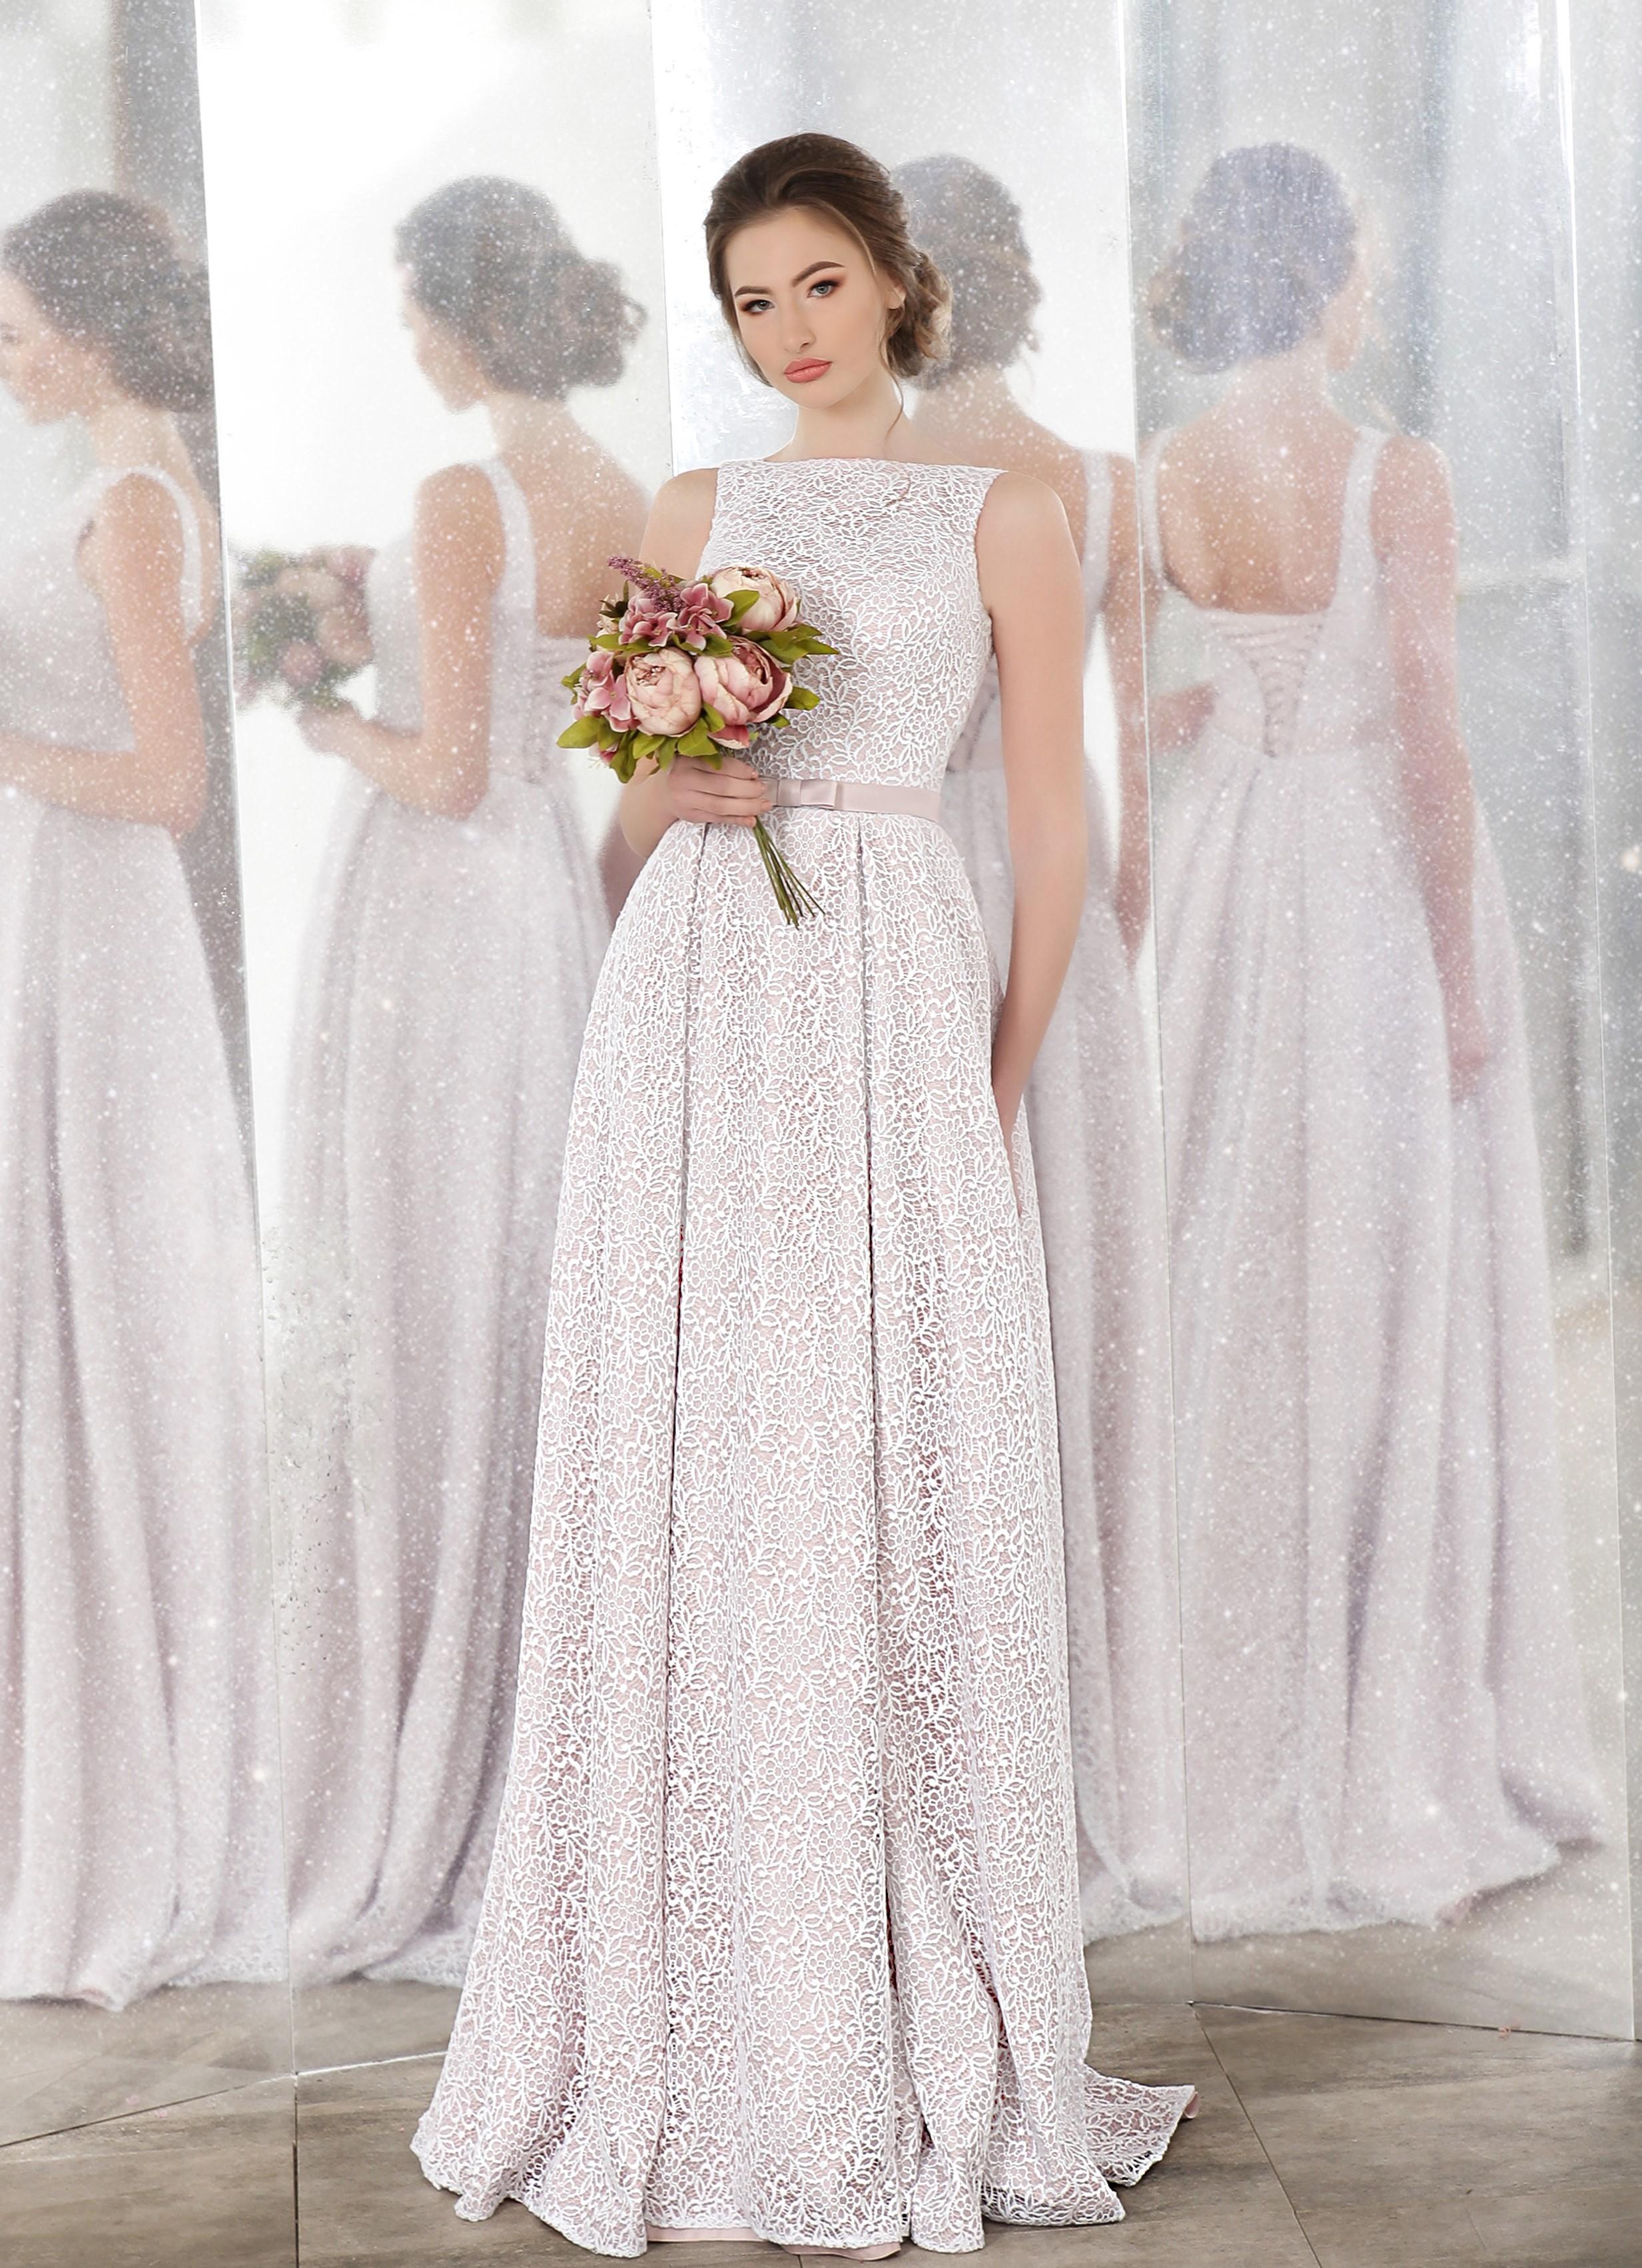 check out 2d2a7 3b8aa negozio-abiti-da-sposa-verona 220005 - Atelier abiti da ...